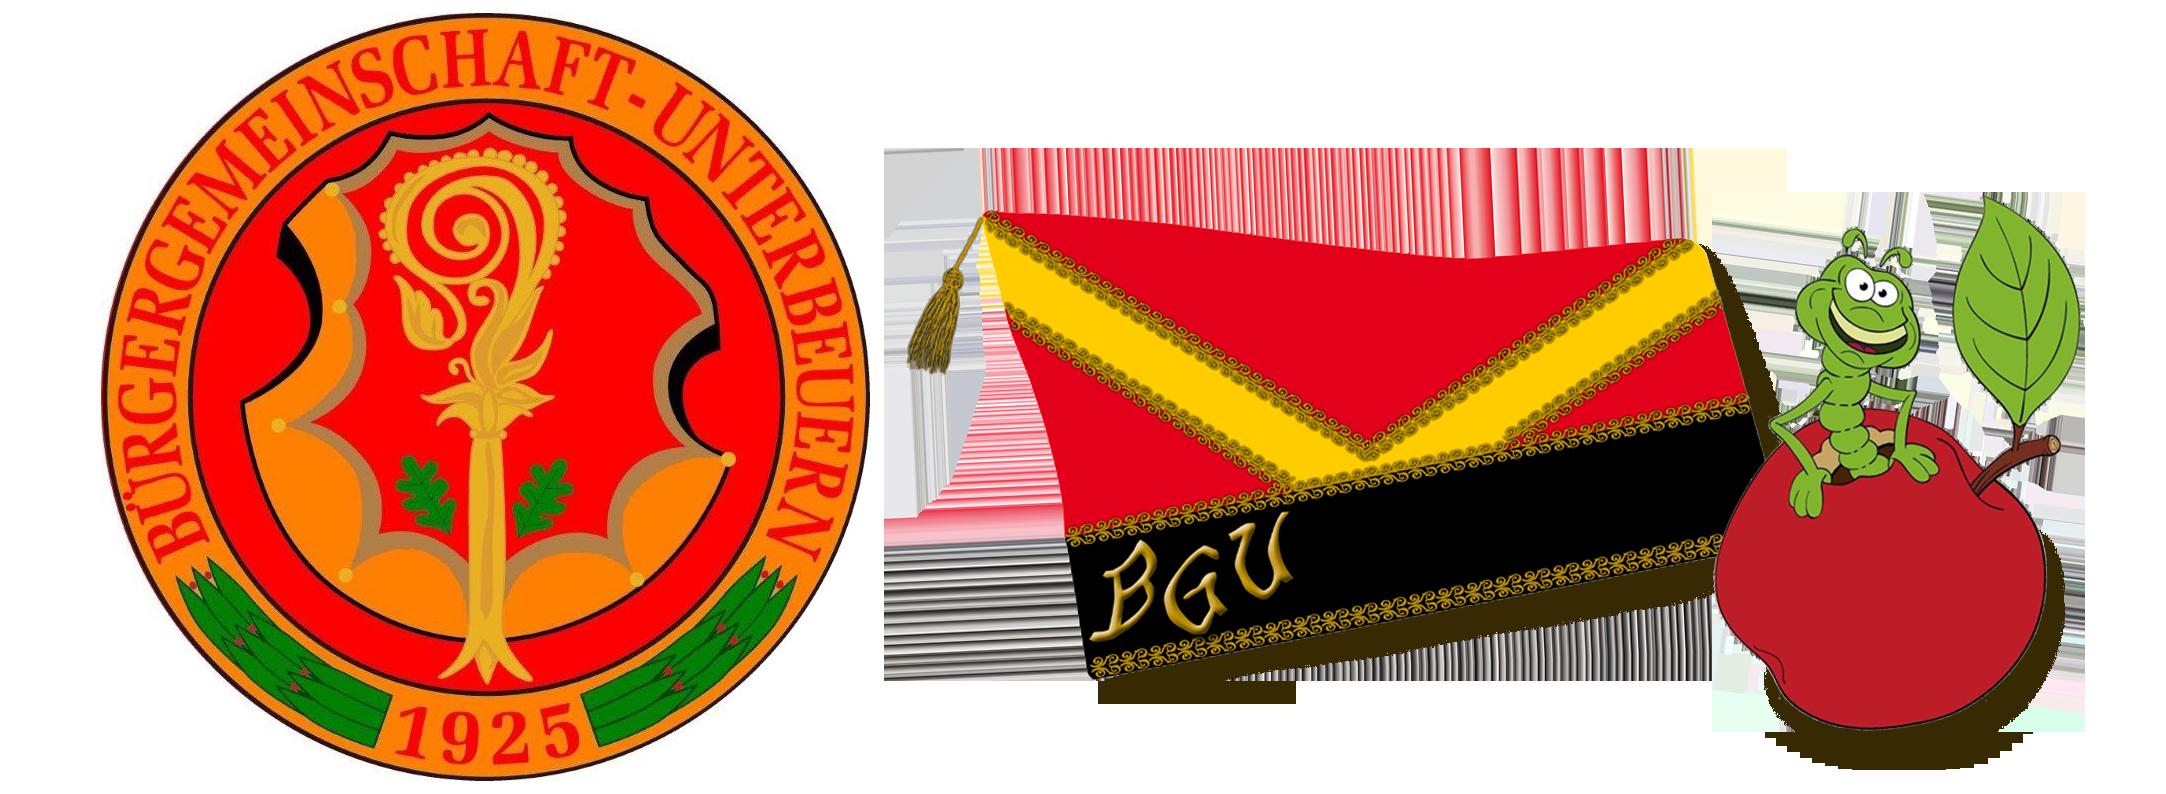 Bürgergemeinschaft Unterbeuern - Verein